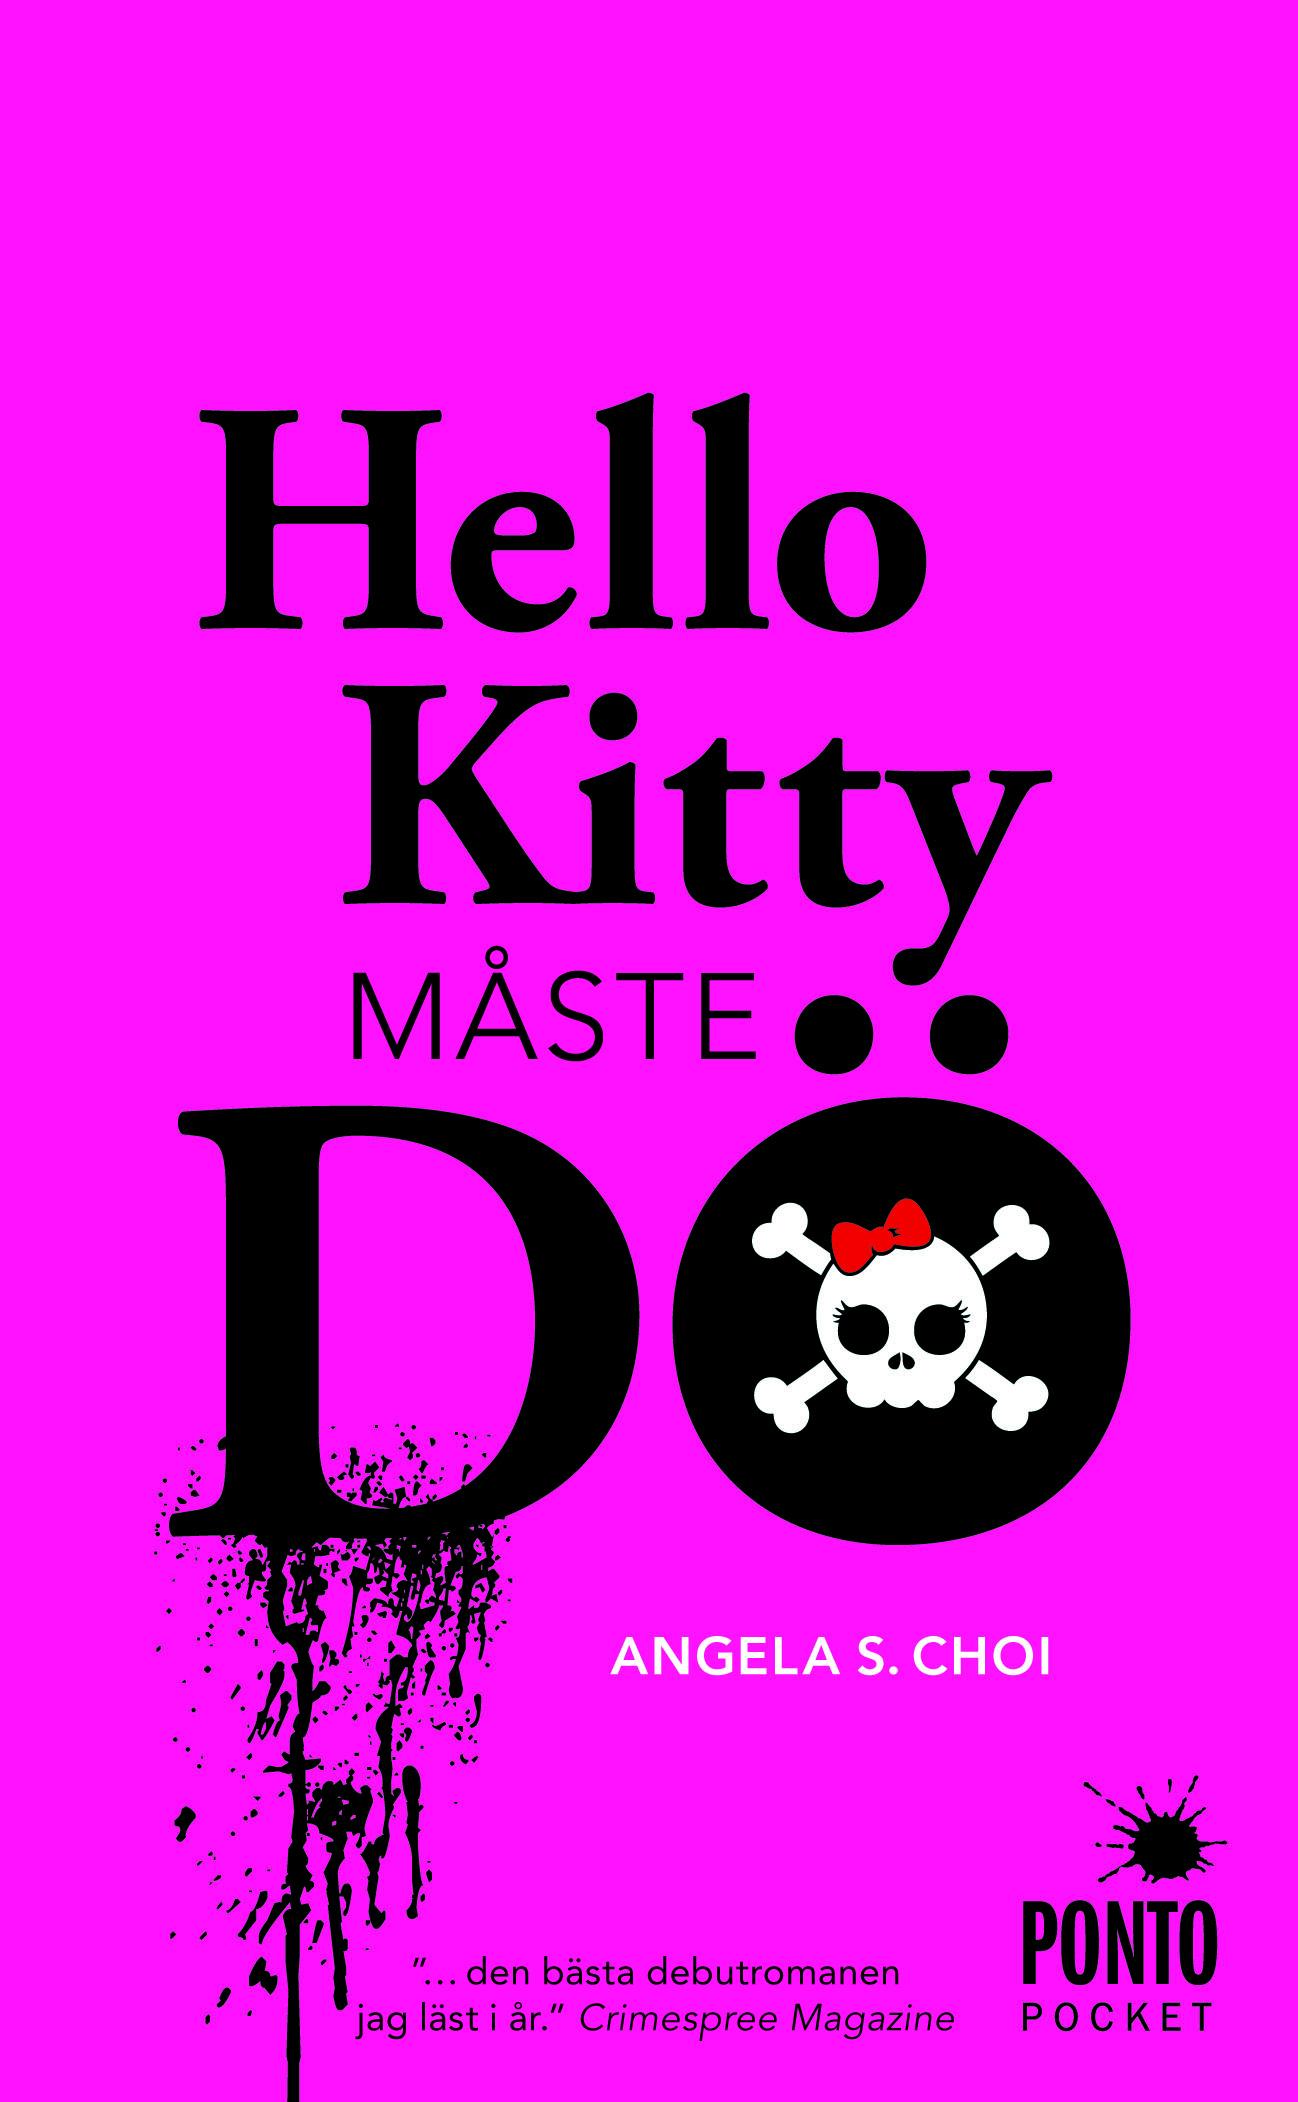 Hello Kitty måstedö